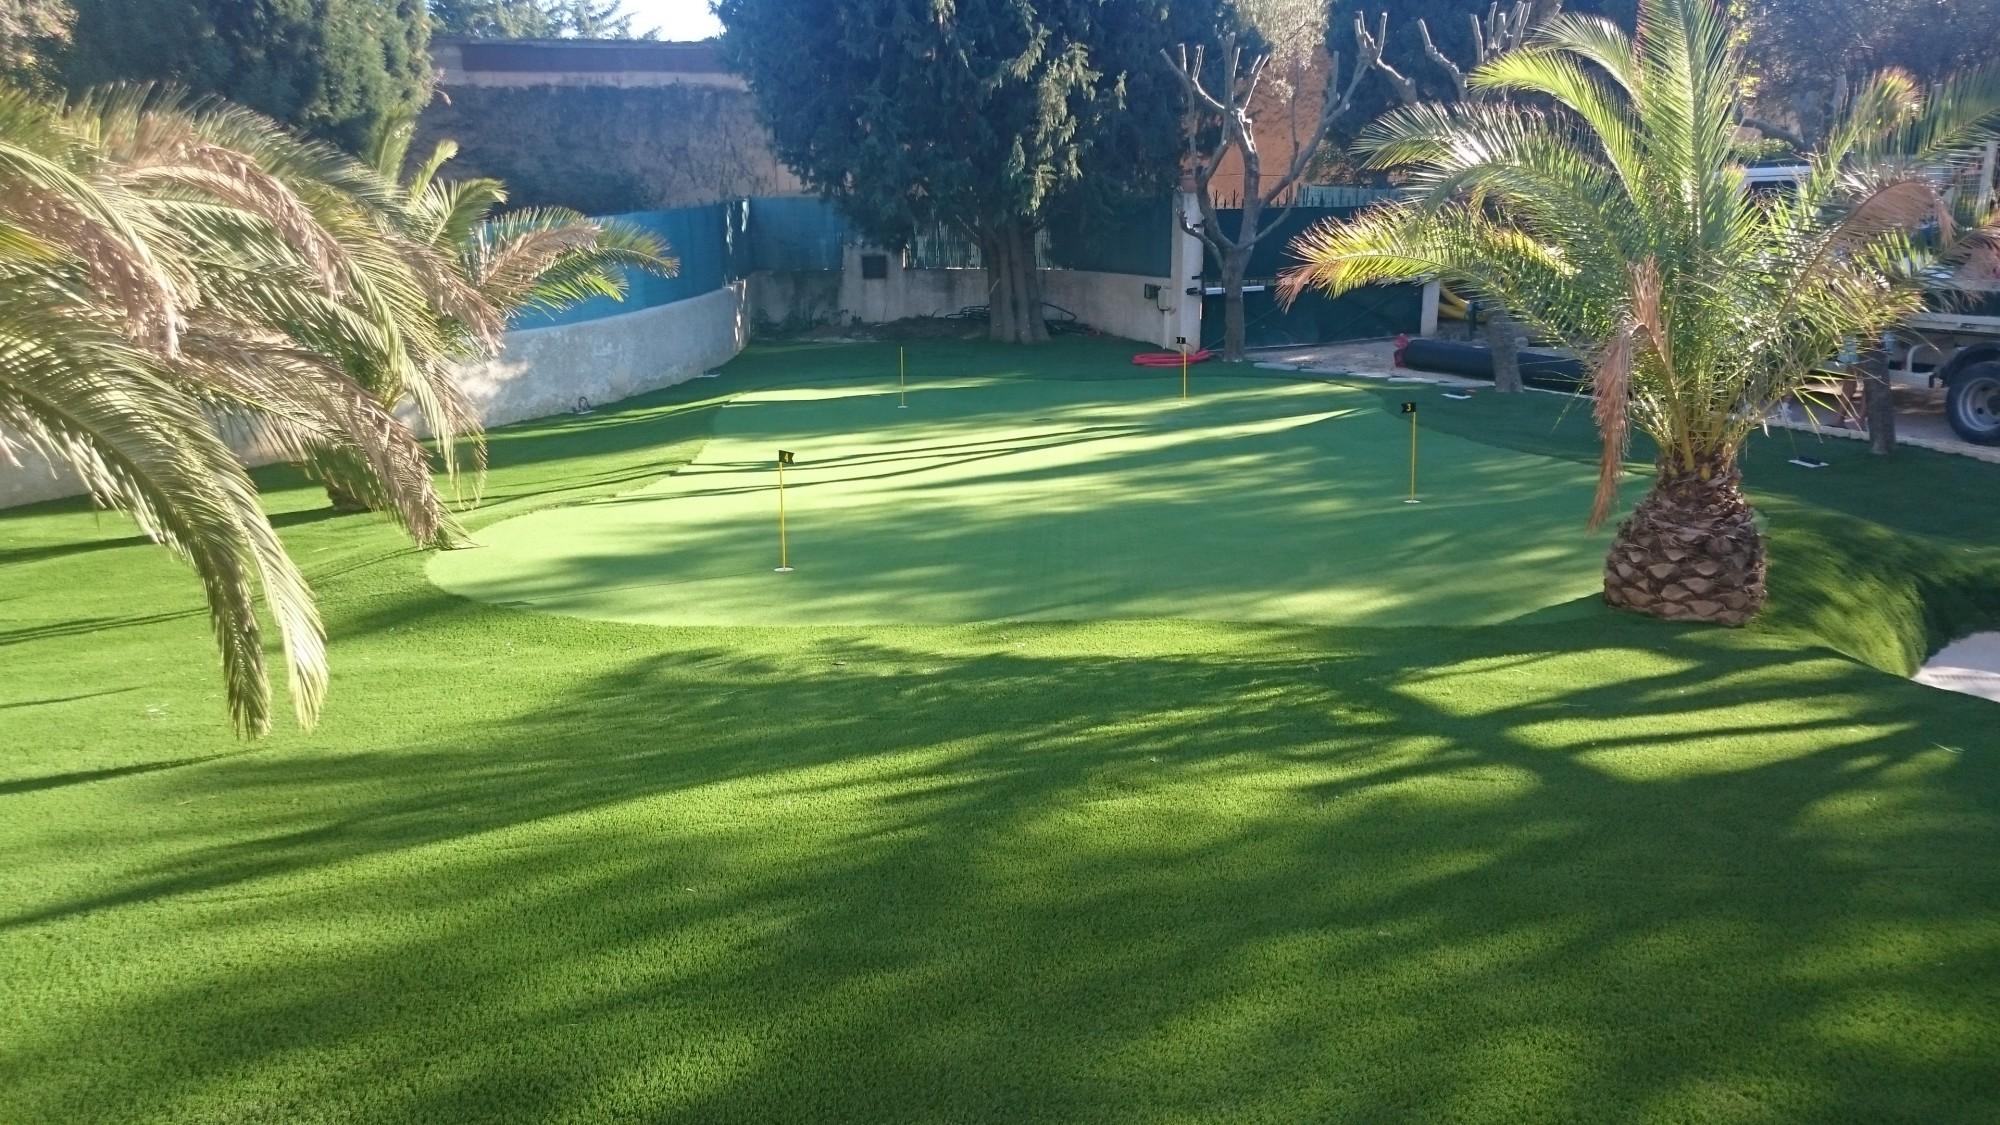 Meilleur gazon synth tique pour jardin ou entourage de piscines la pose gazon synth tique gazon for Ecran de jardin synthetique